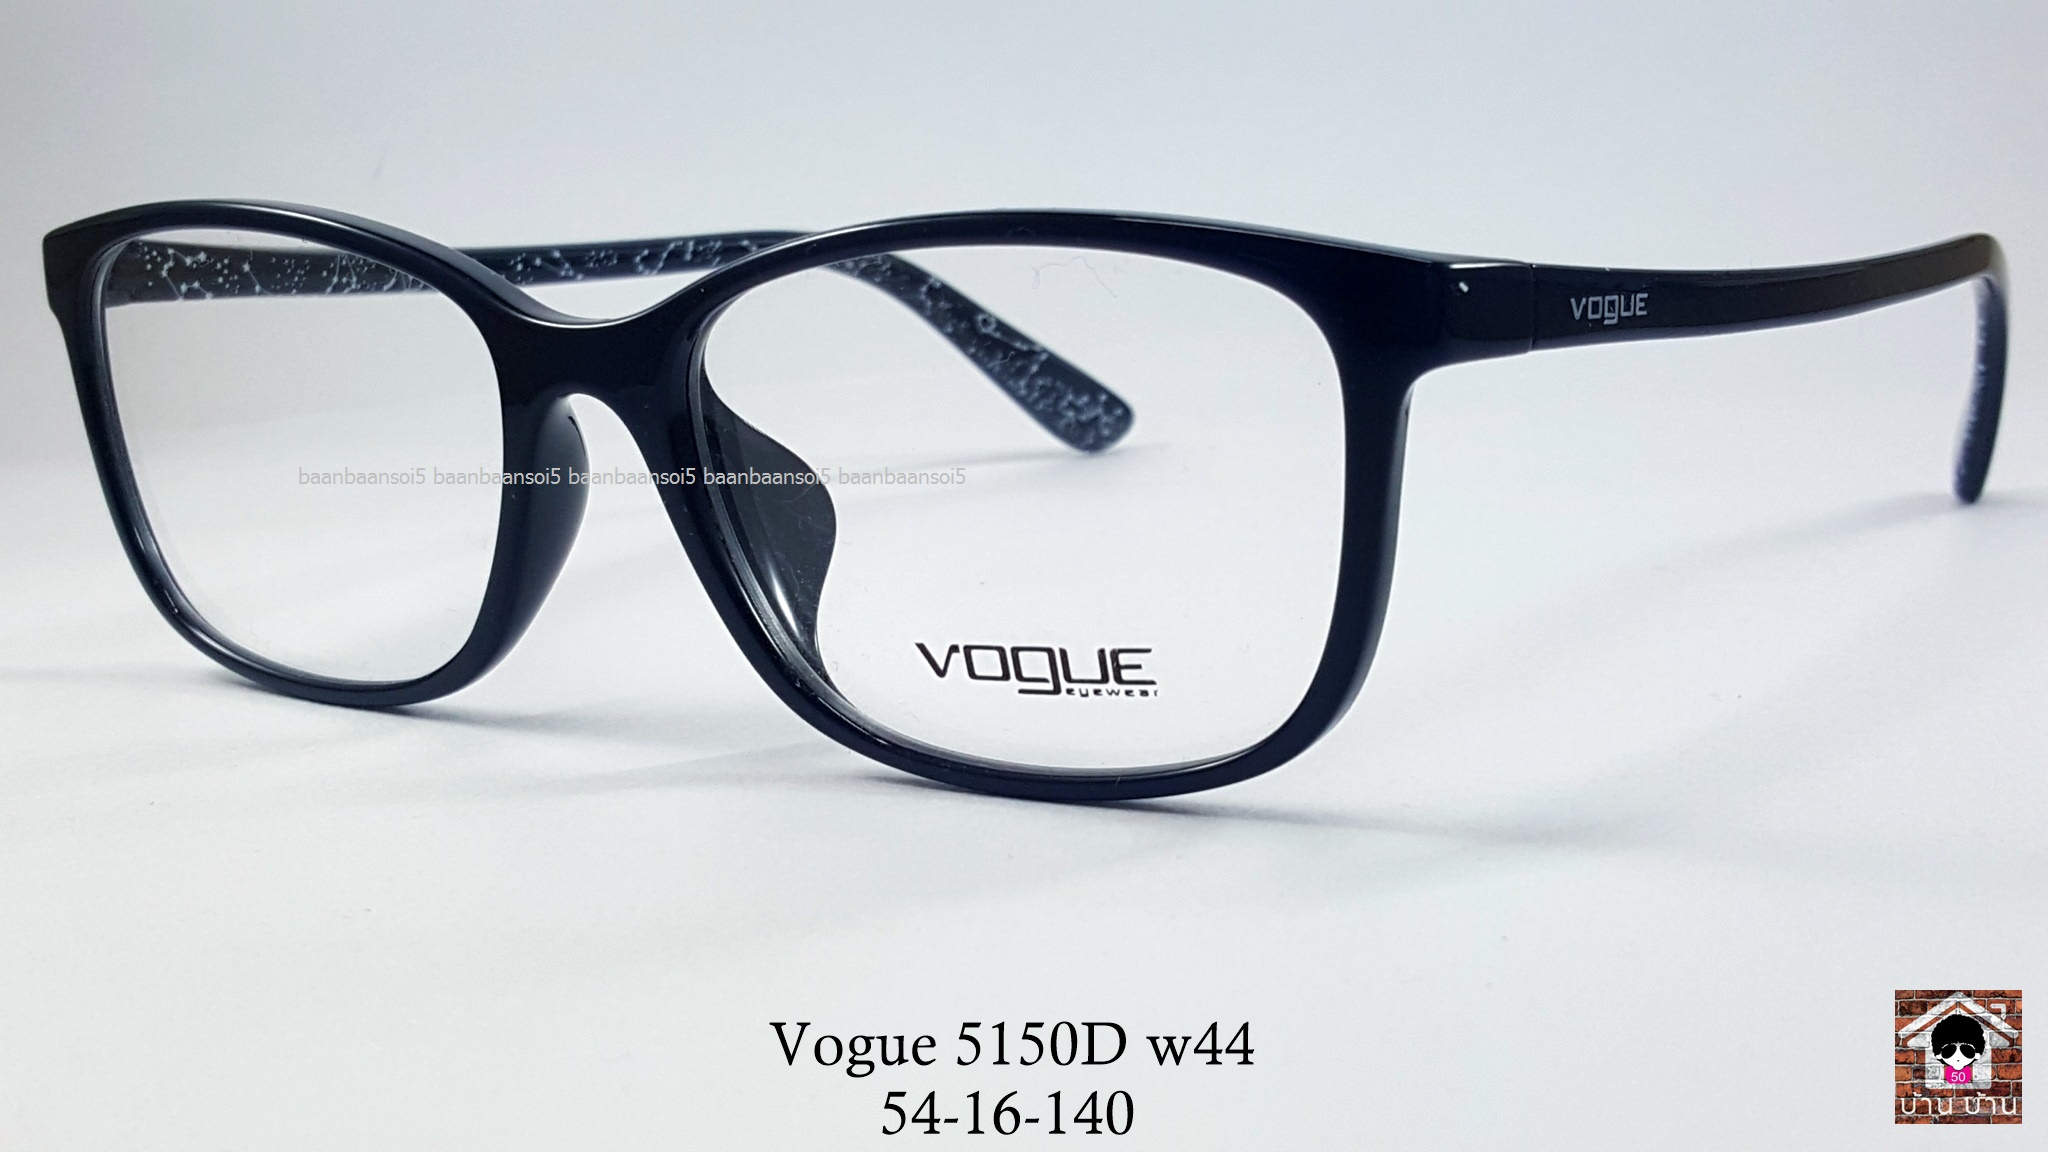 Vogue vo 5150D w44 โปรโมชั่น กรอบแว่นตาพร้อมเลนส์ HOYA ราคา 2,200 บาท